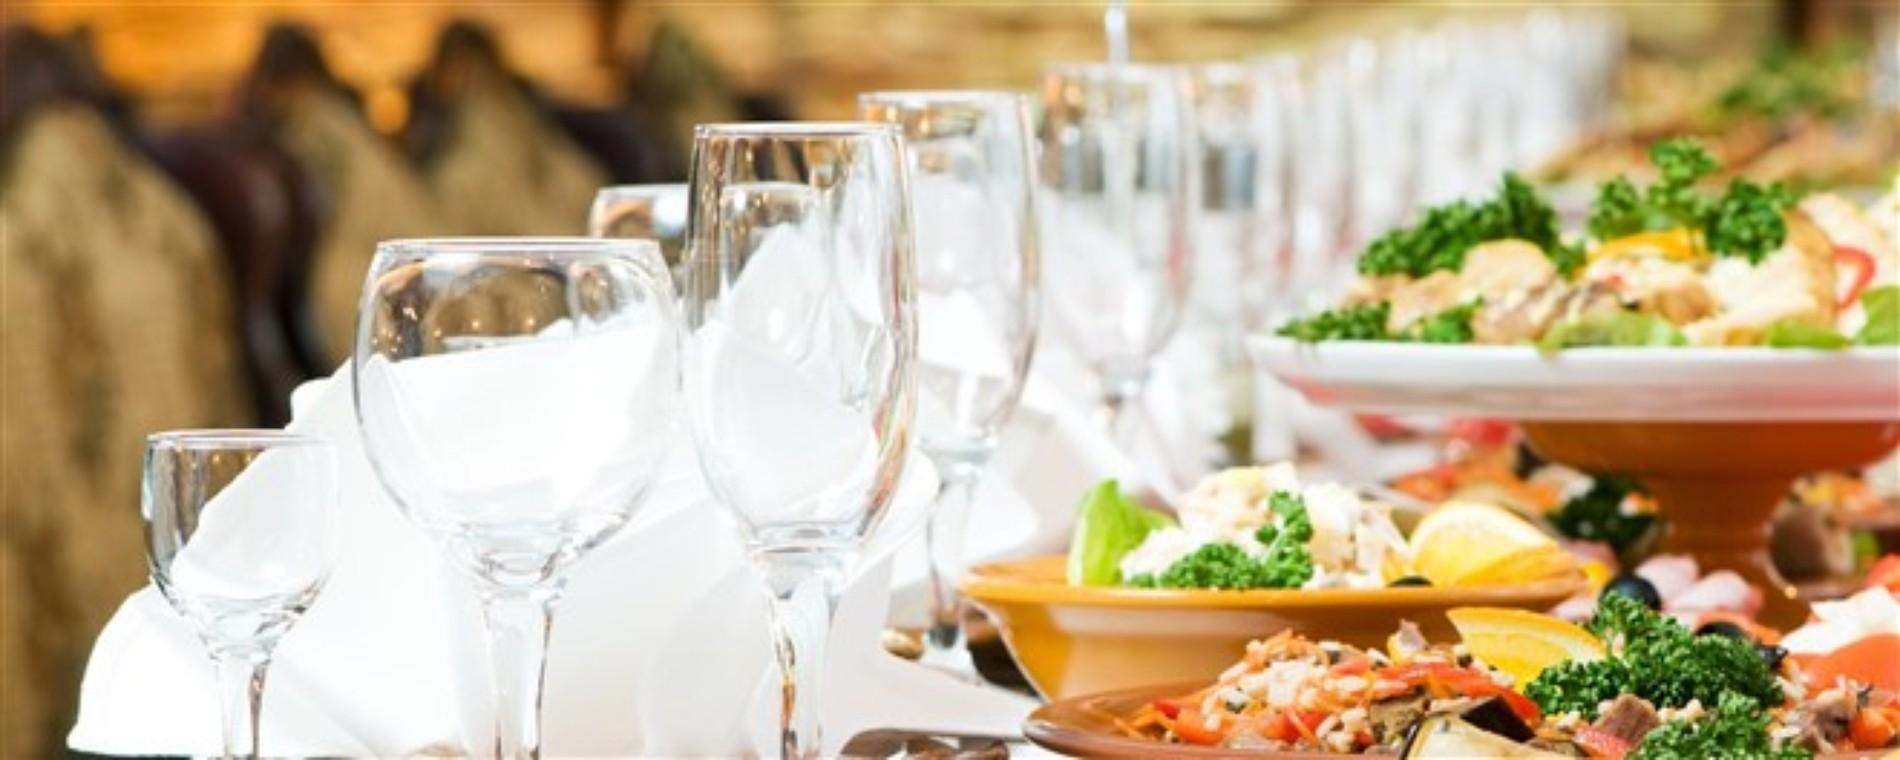 Empresa de Catering bodas en Valencia La Orza de Ángel